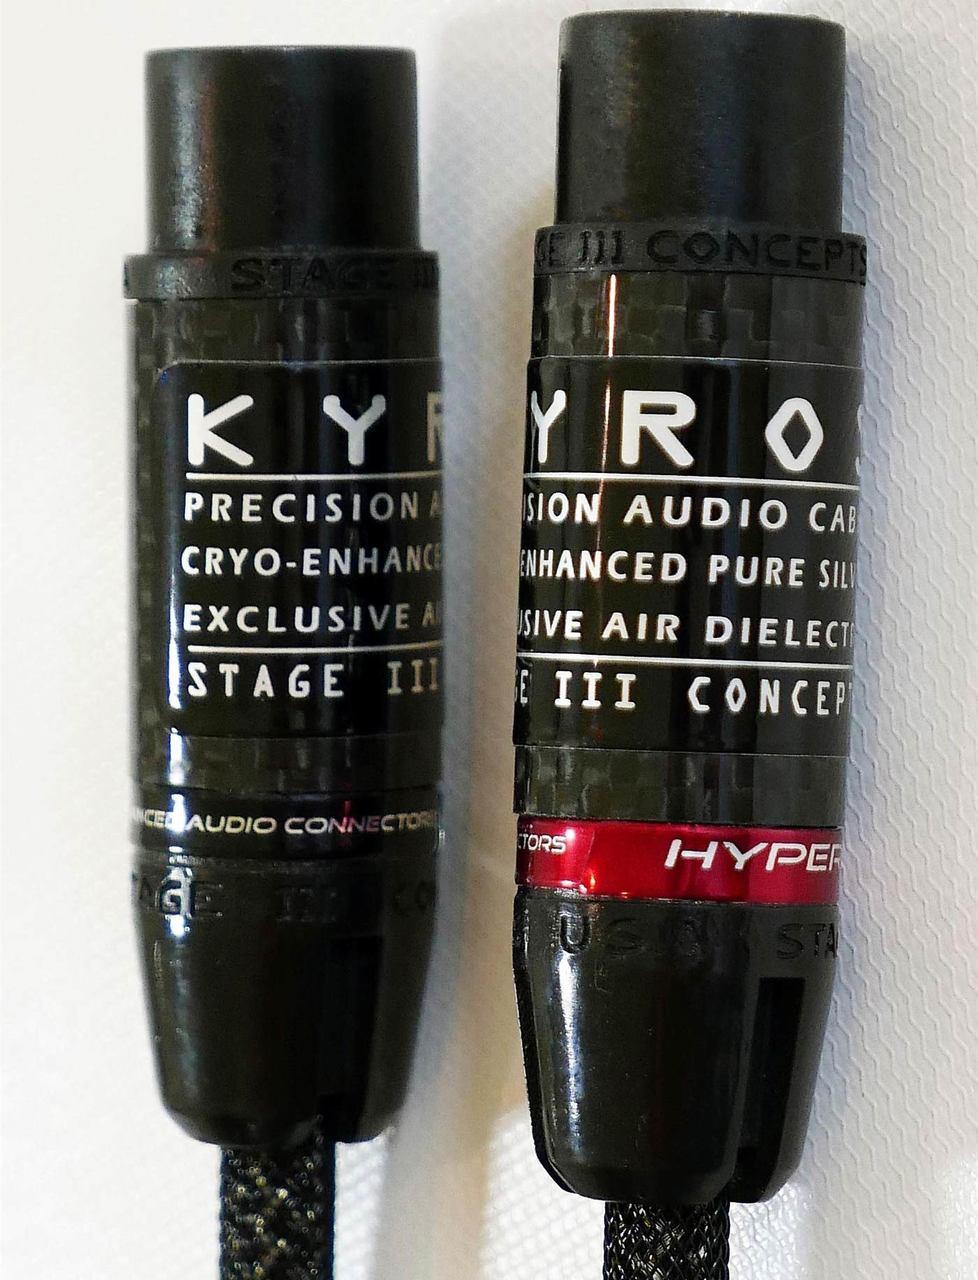 Stage III  Kyros Interconnects.  1 Meter/Pair. True Audiophile.